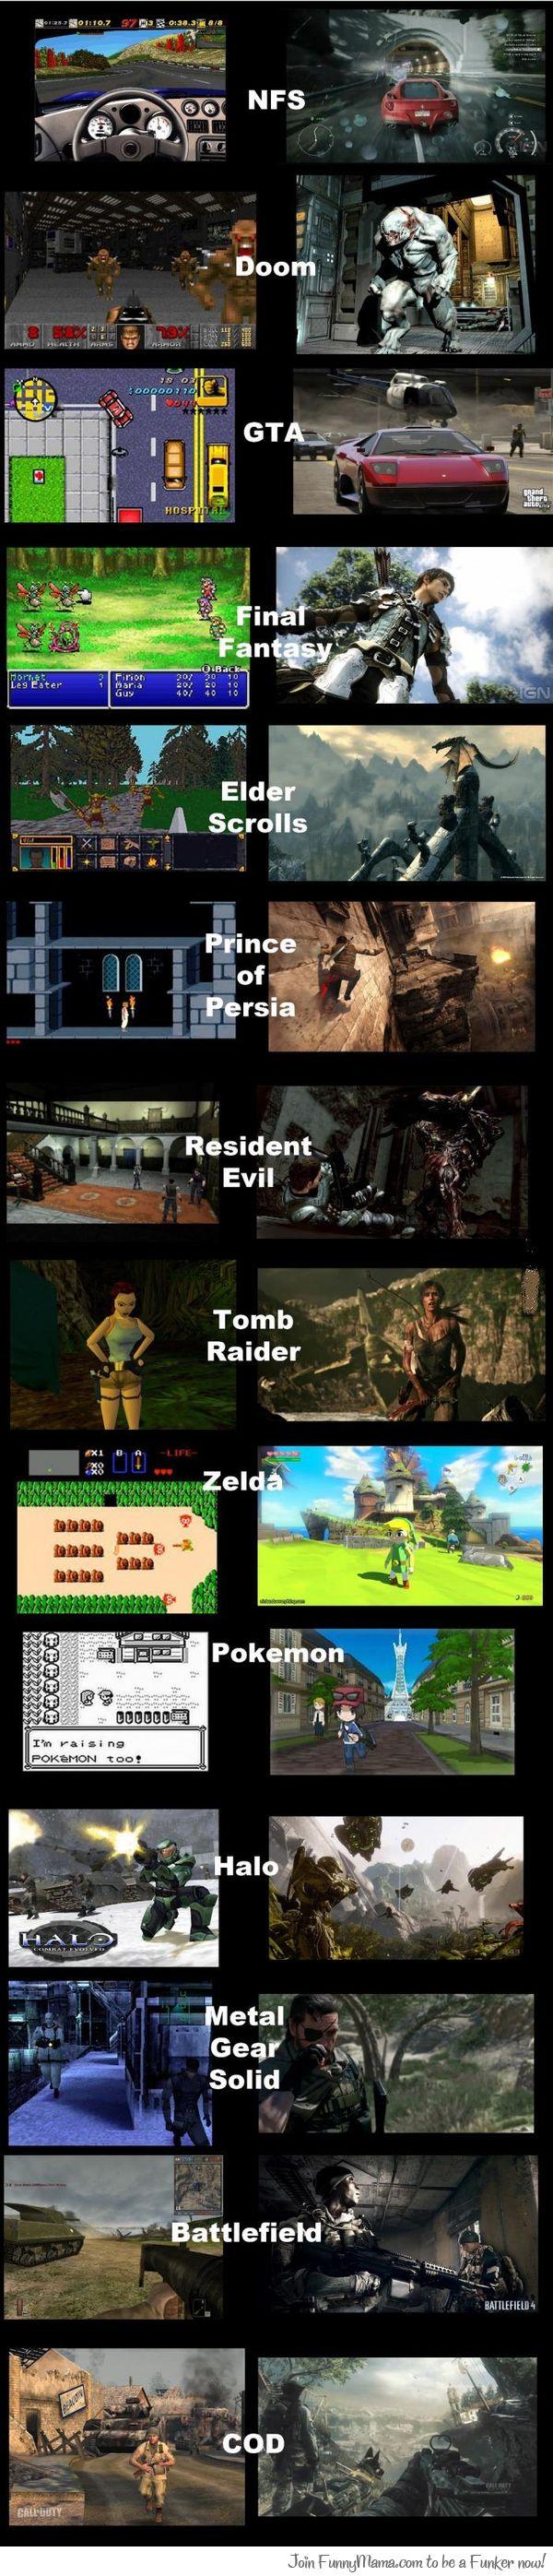 The Evolution Of Video Game Graphics Los Juegos Viejos Eran Igual De